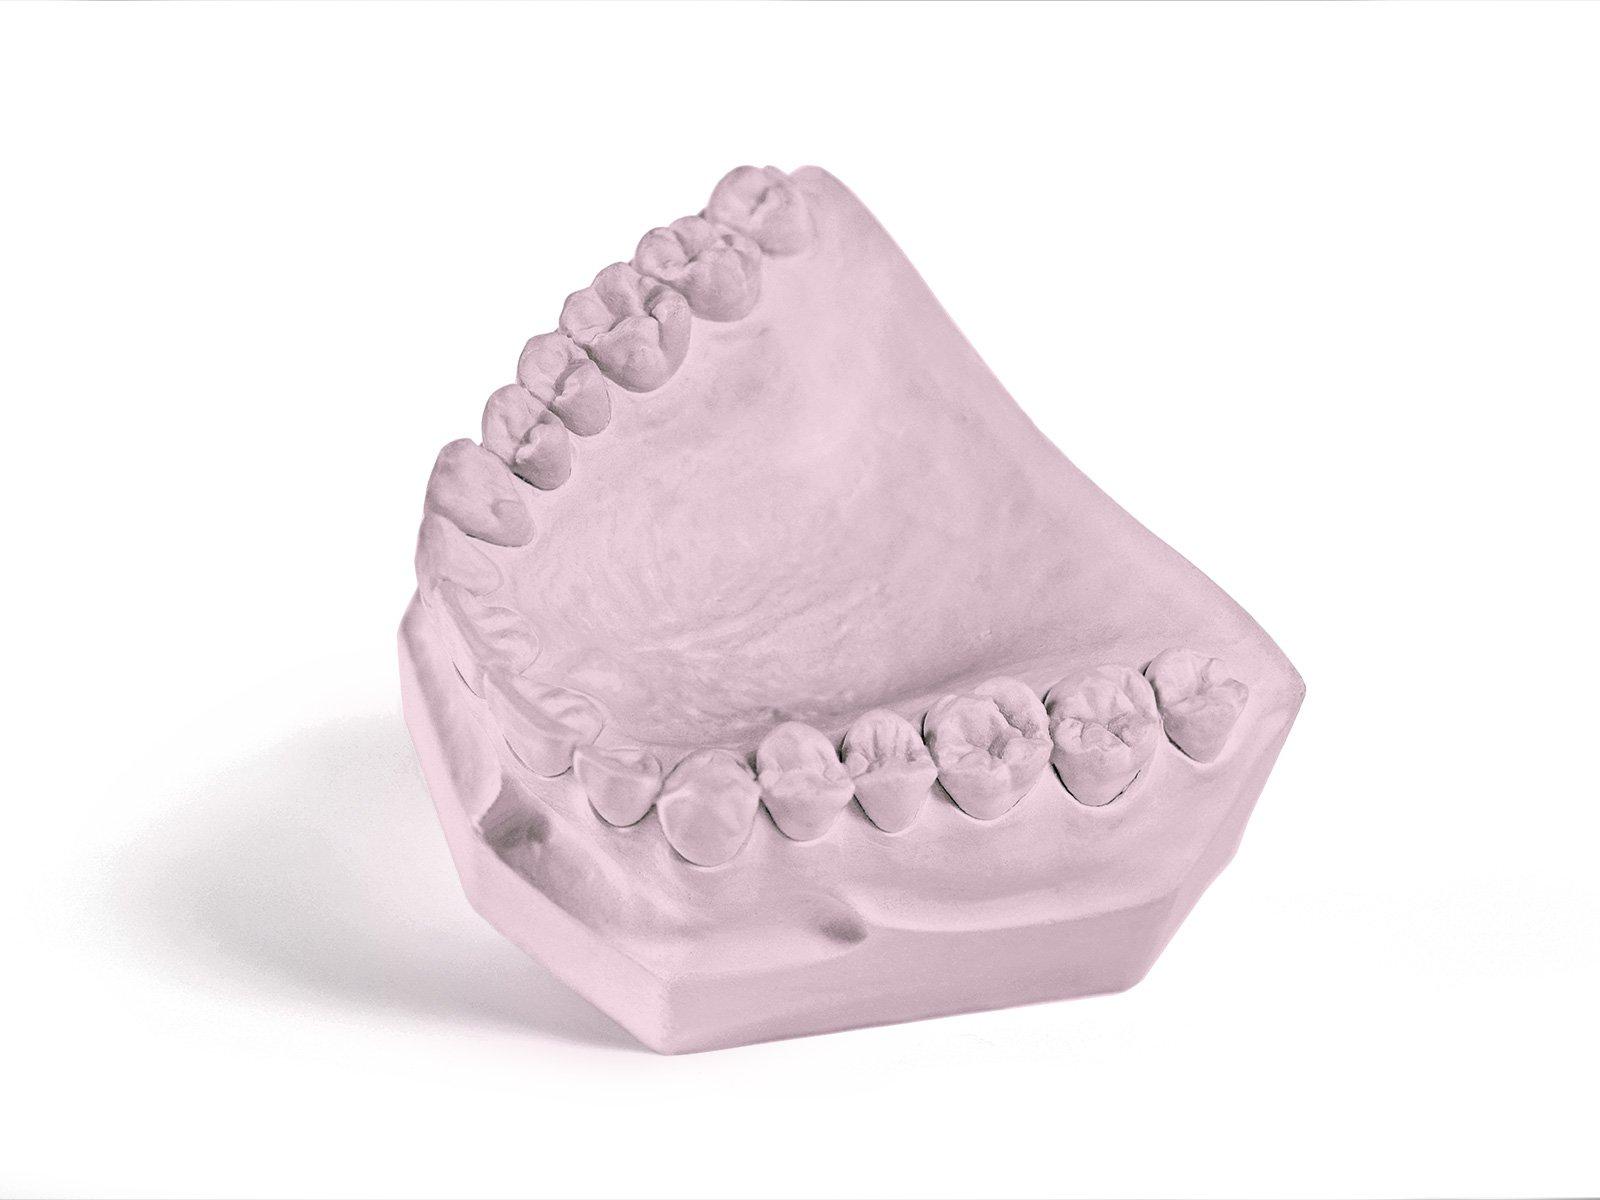 Garreco 1285025 Dental Express Set, Type IV Fast Set Die Stone, 25 lb Carton, Pink